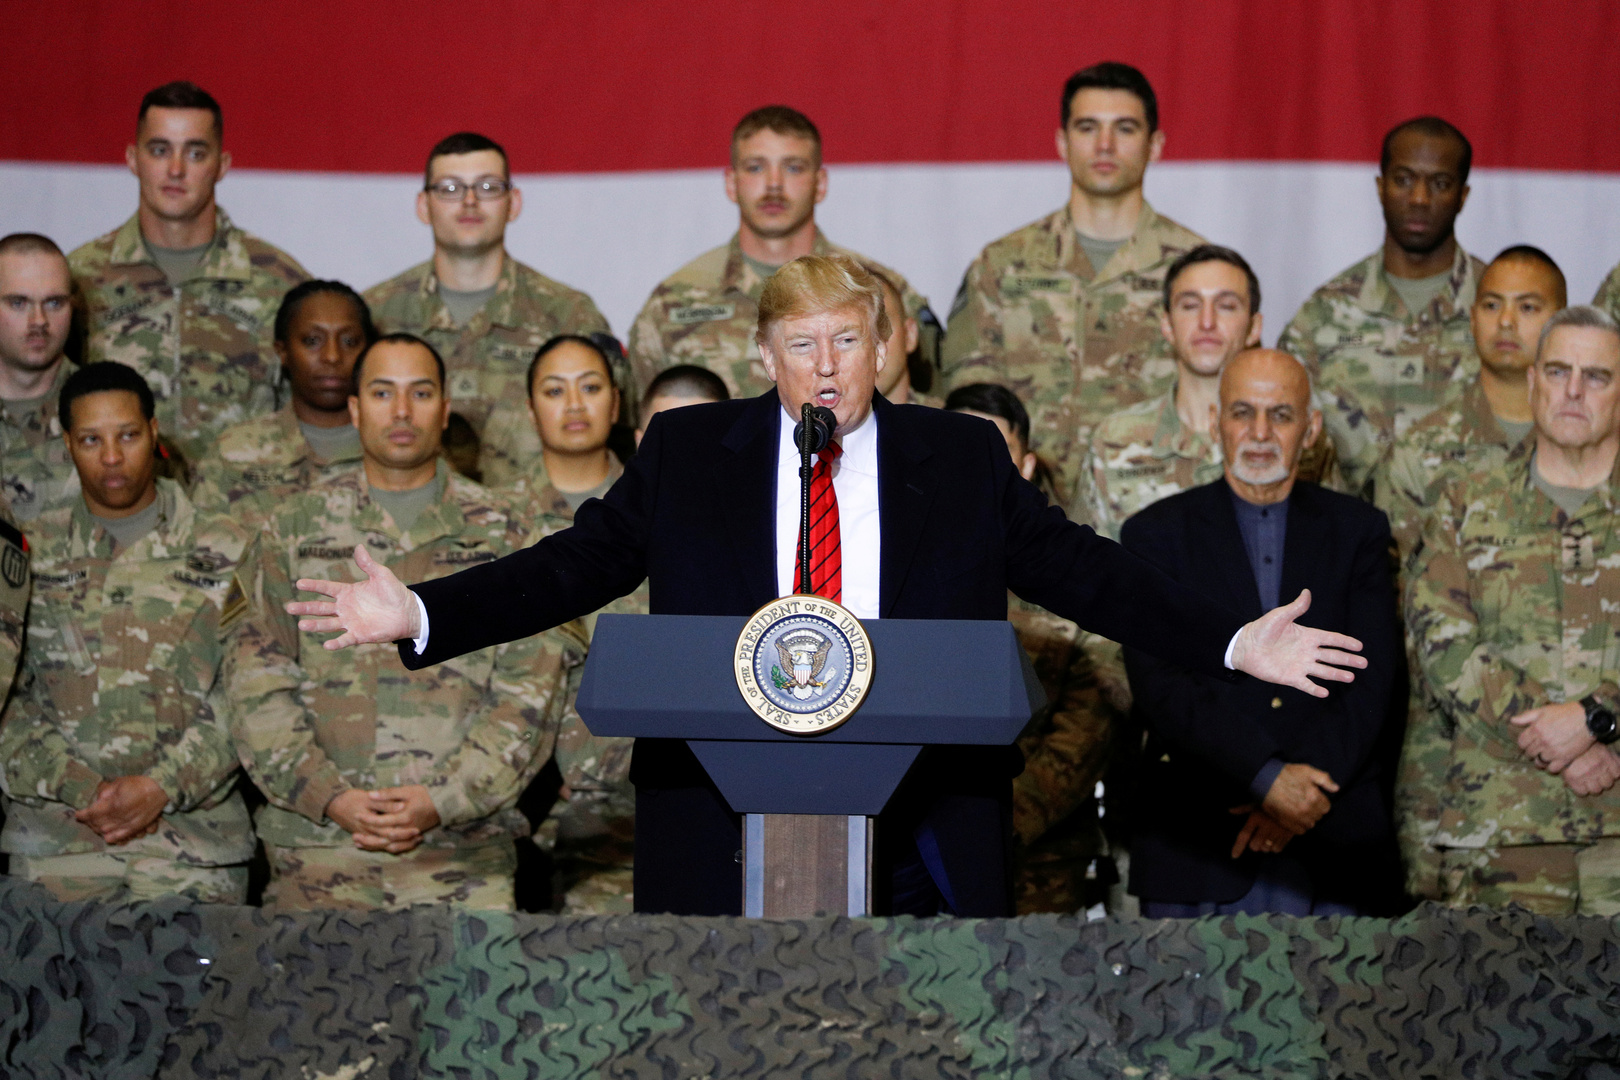 زيارة مفاجئة لترامب إلى أفغانستان